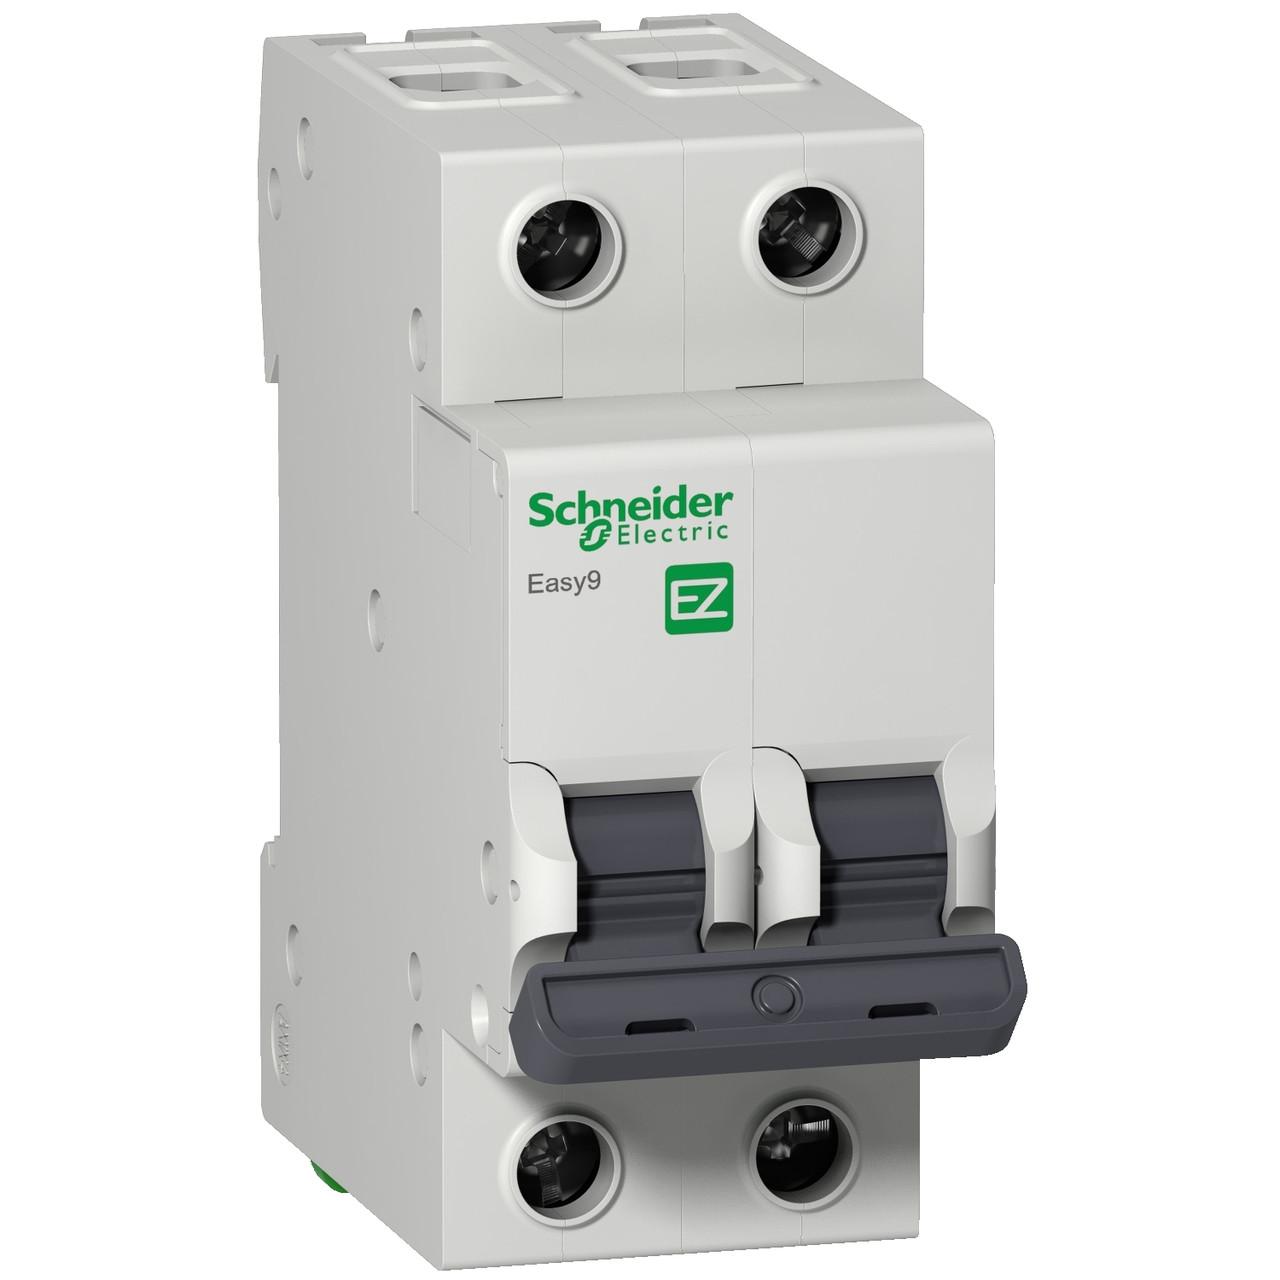 Автоматический выключатель EZ9F14206 Easy9 Schneider 2P, 6A, тип «B»